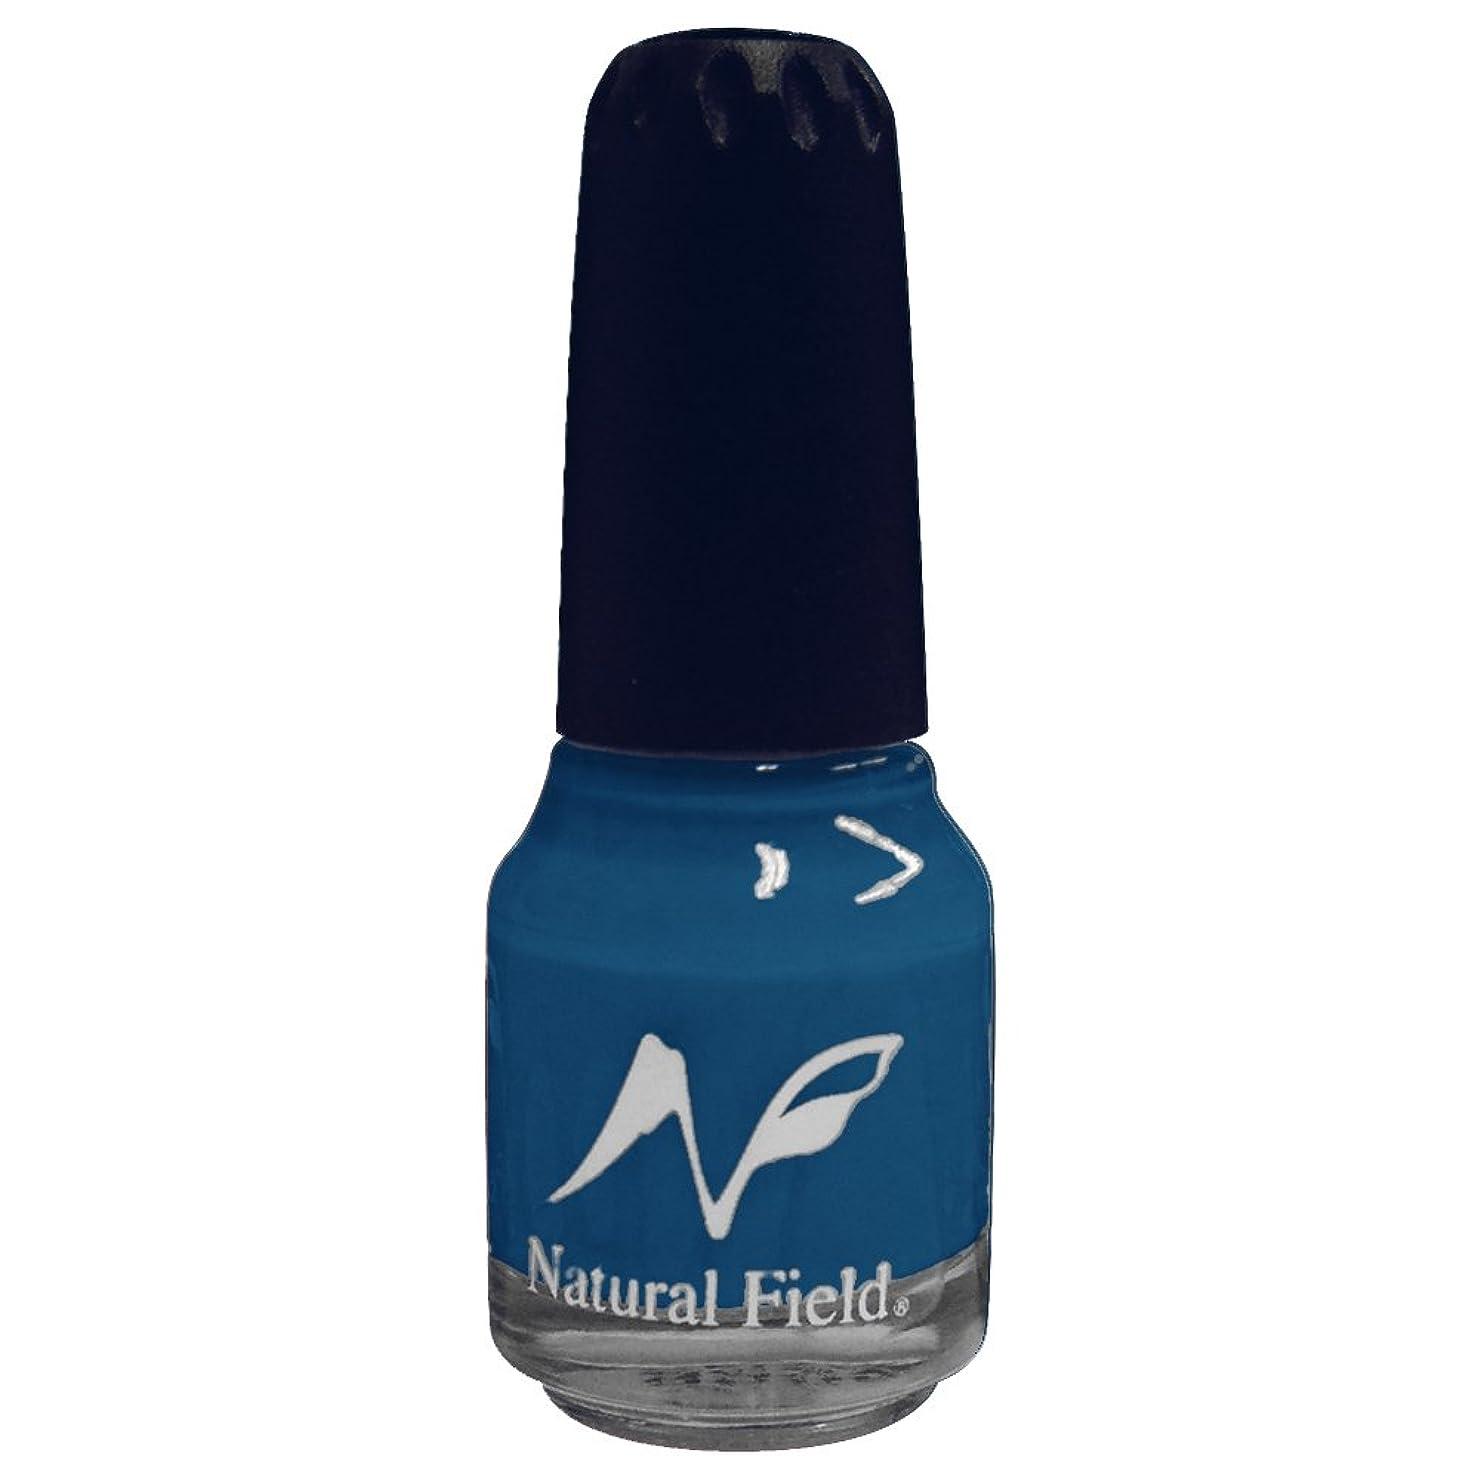 レギュラーレギュラー印象的なNatural Field ネイルポリッシュ ソリッドカラー 2053 ターコイズ 12ml